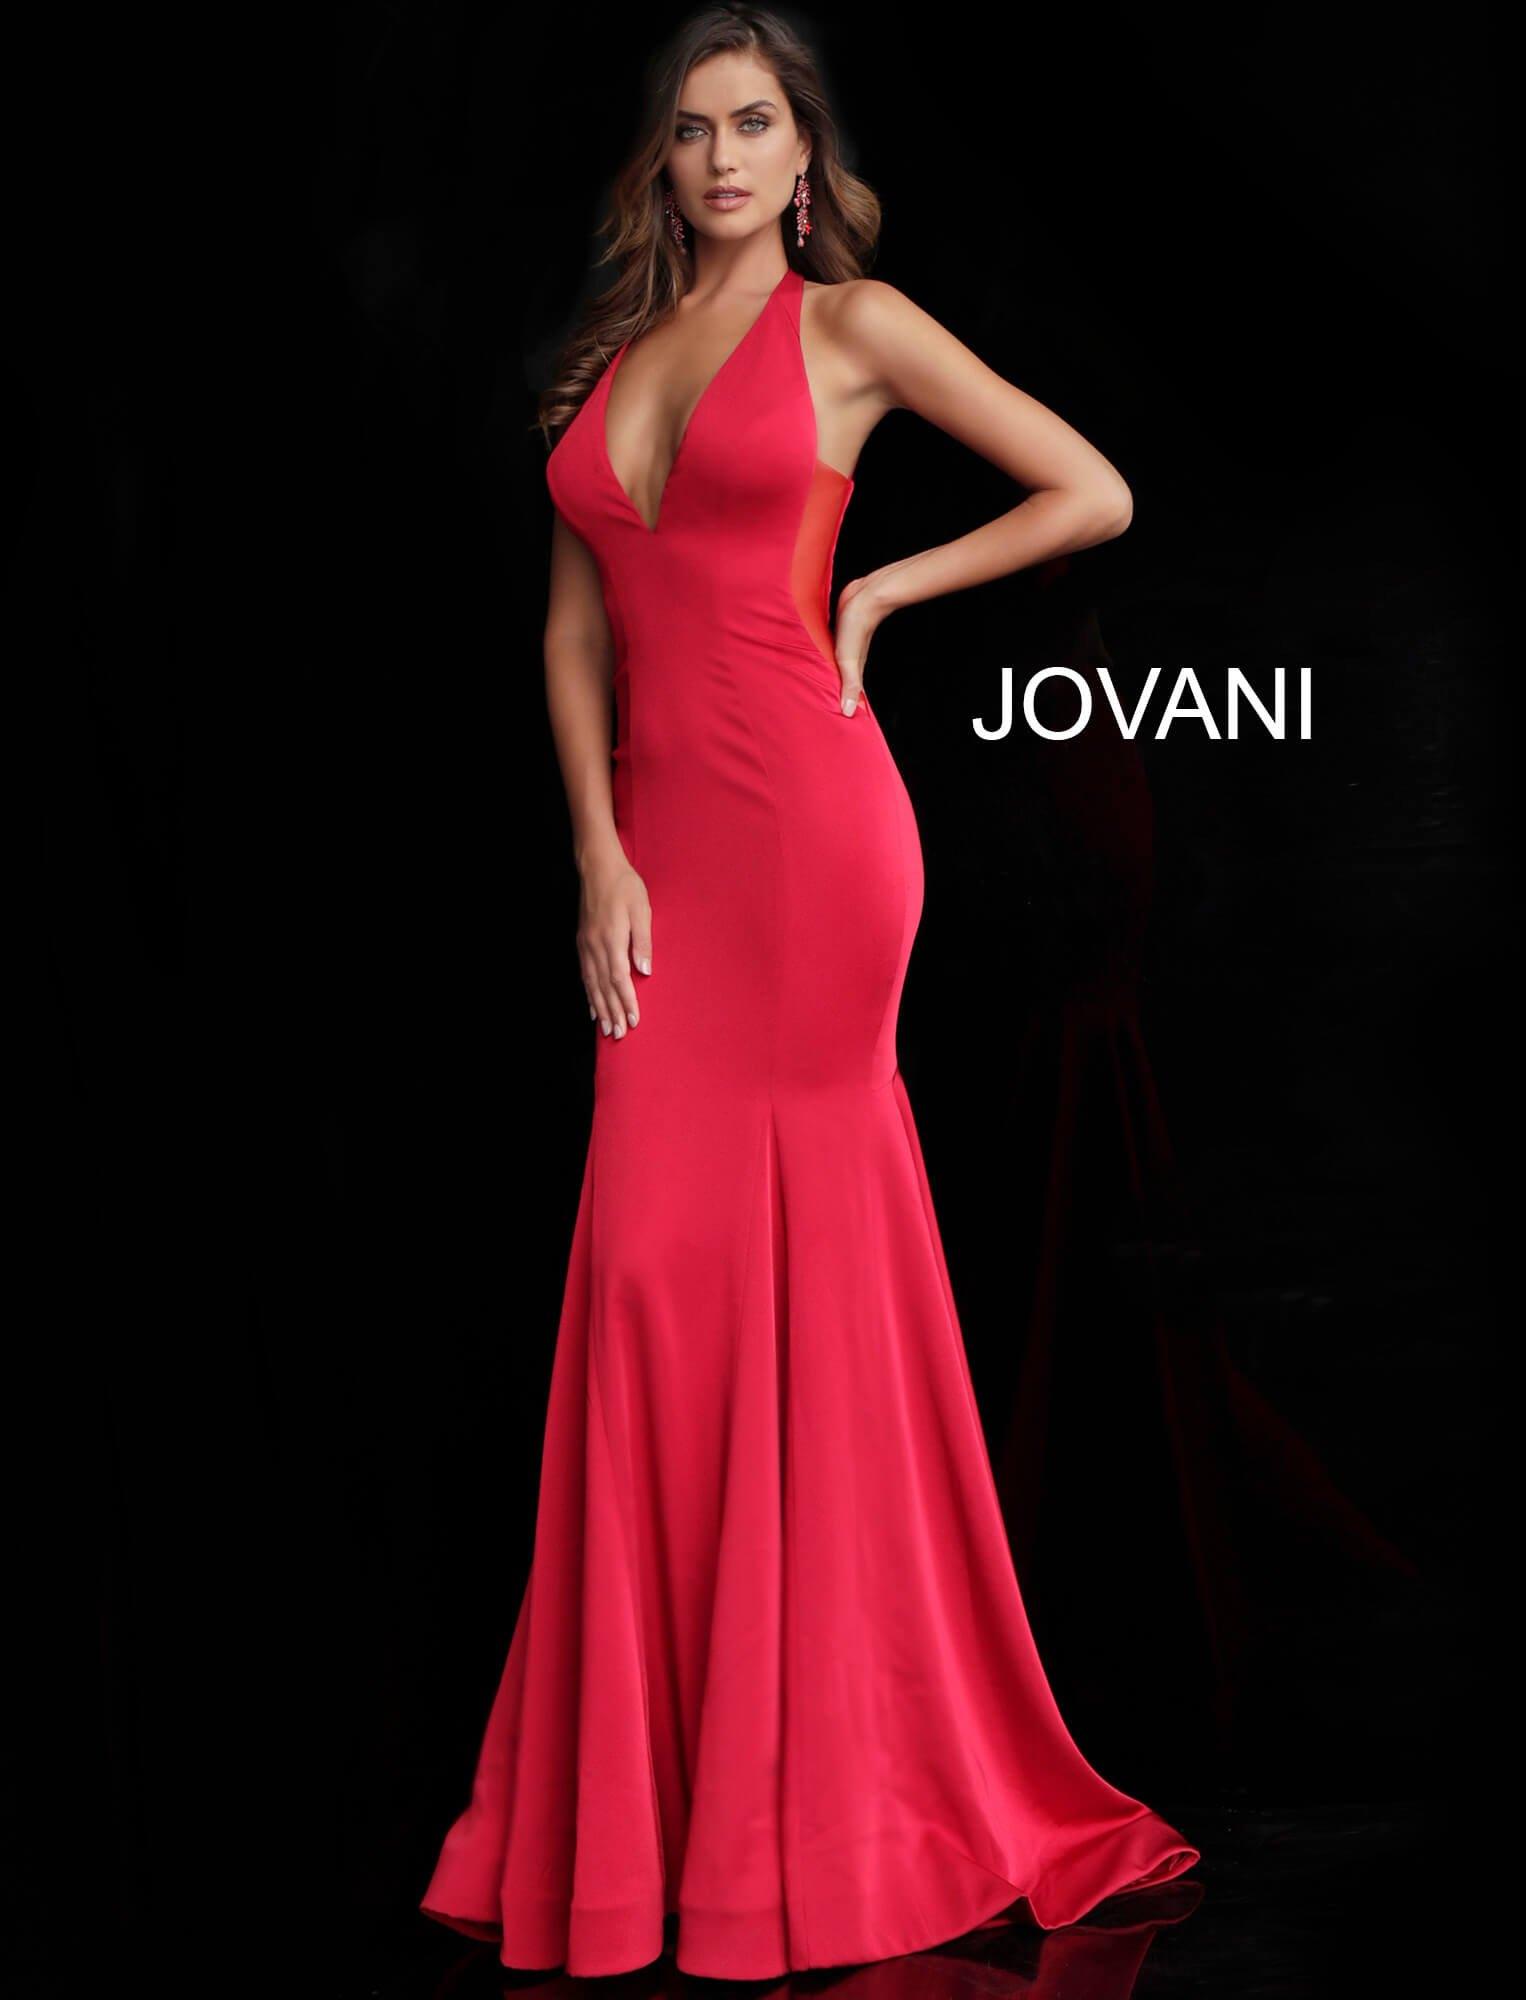 667b8af5acfe3 Jovani 64003 - Halter Neckline Open Back Simple Mermaid Dress